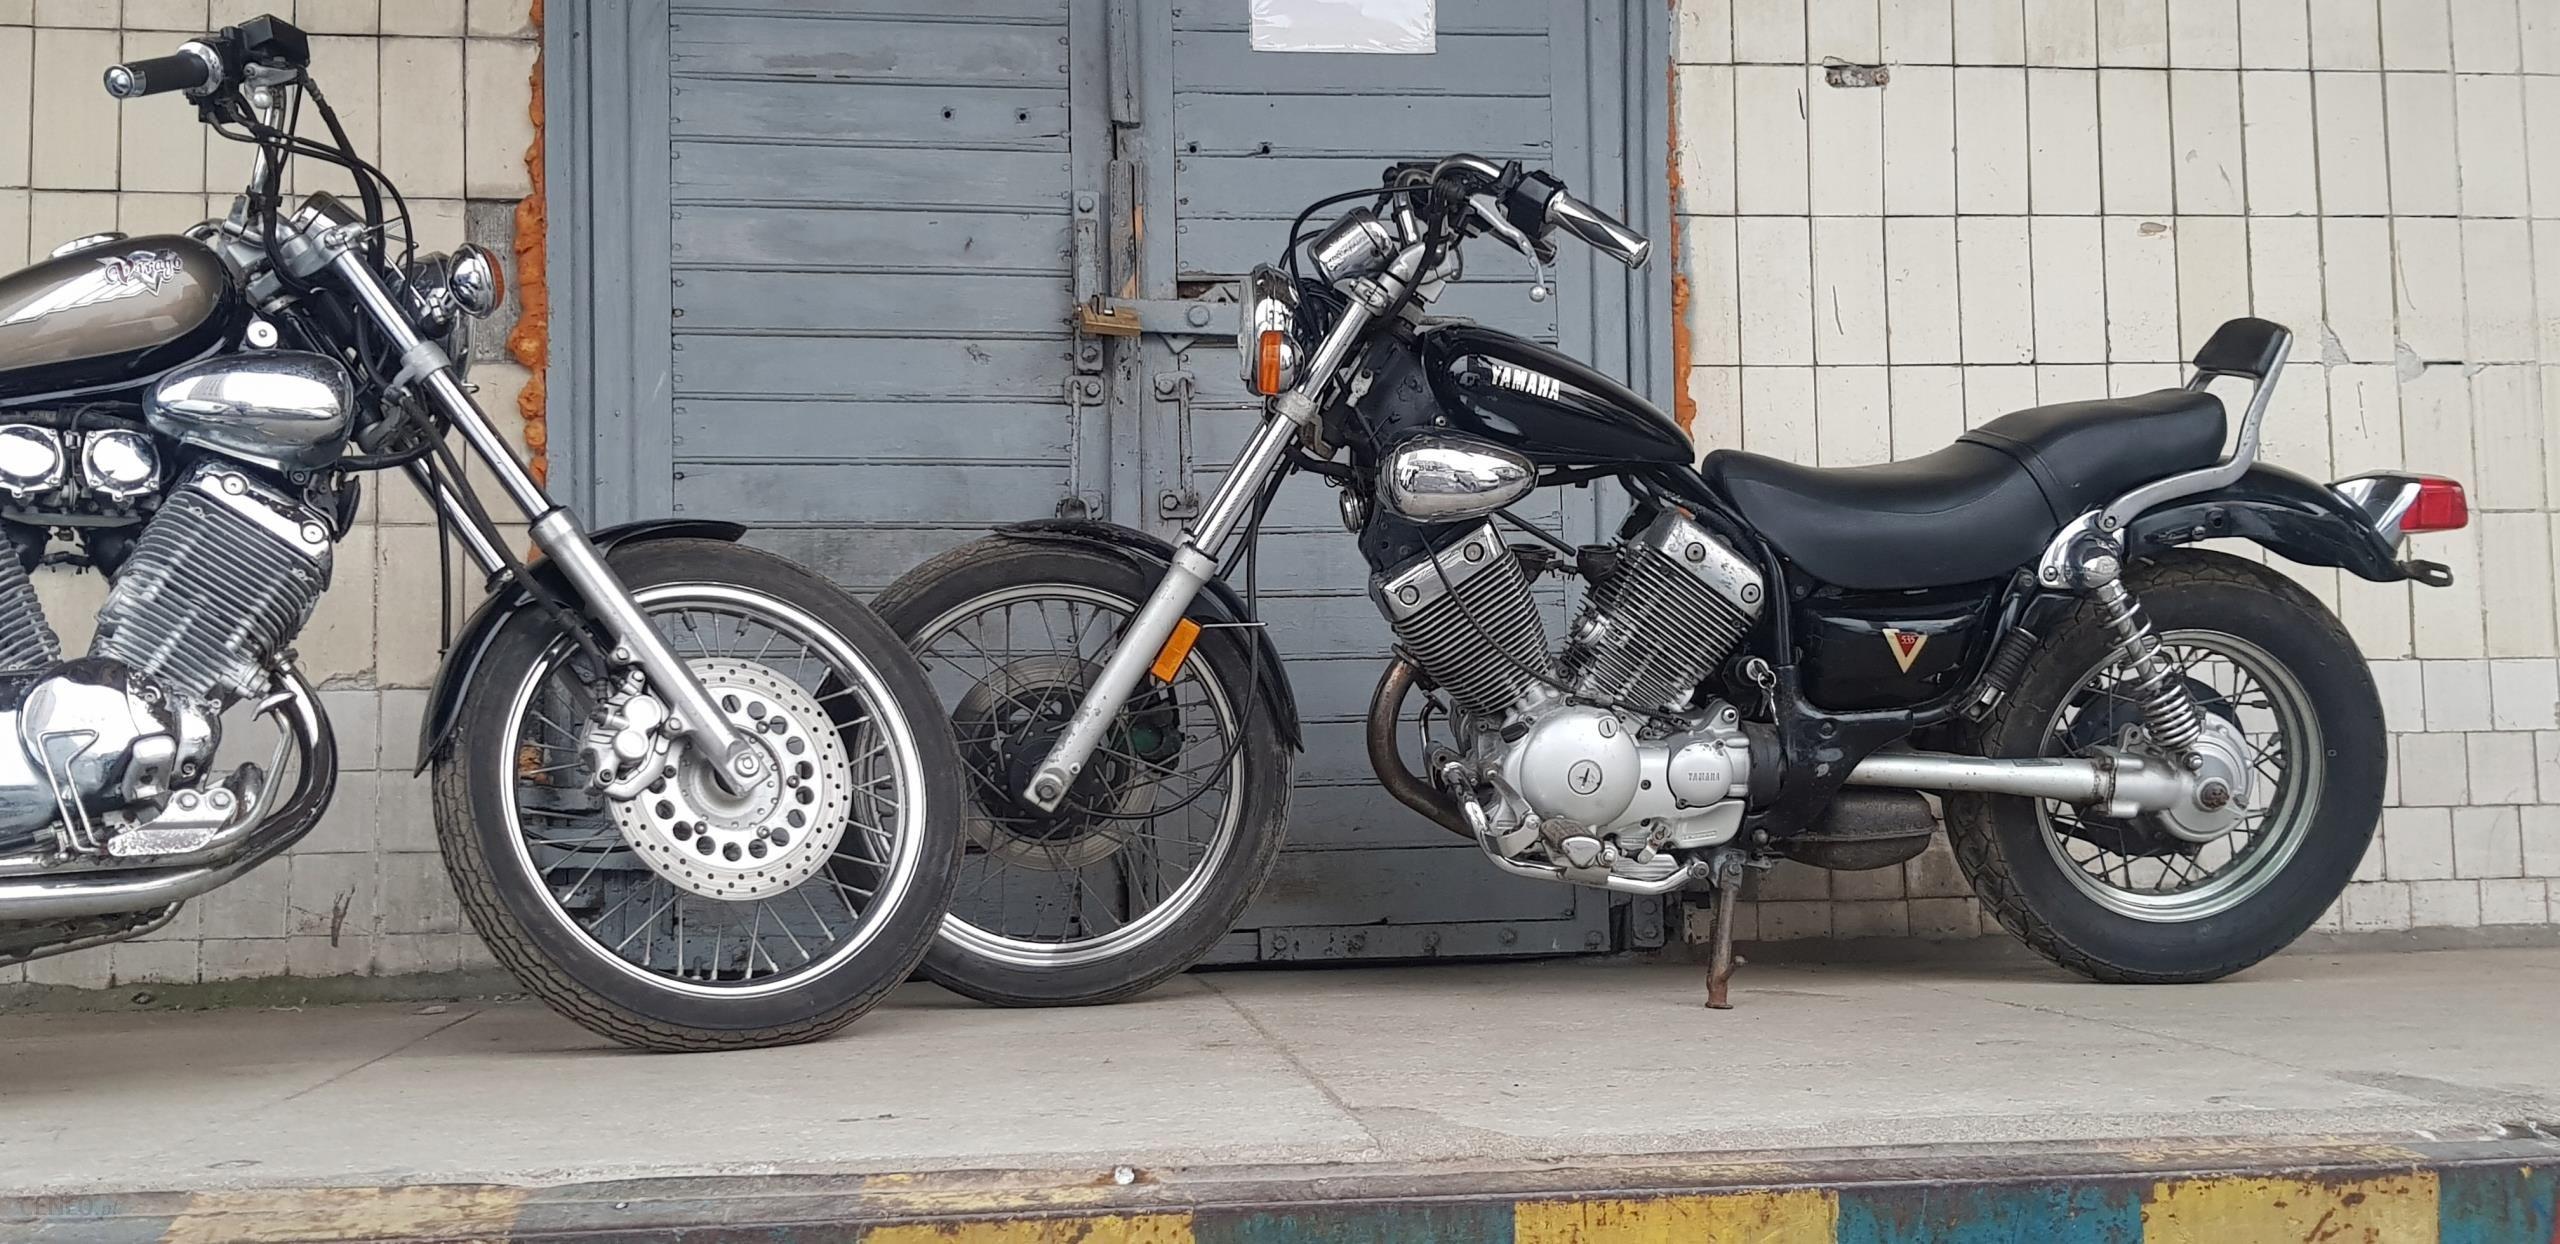 Yamaha Xv 535 Virago Wydech Honda Shadow 600 Vt Opinie I Ceny Na Ceneo Pl